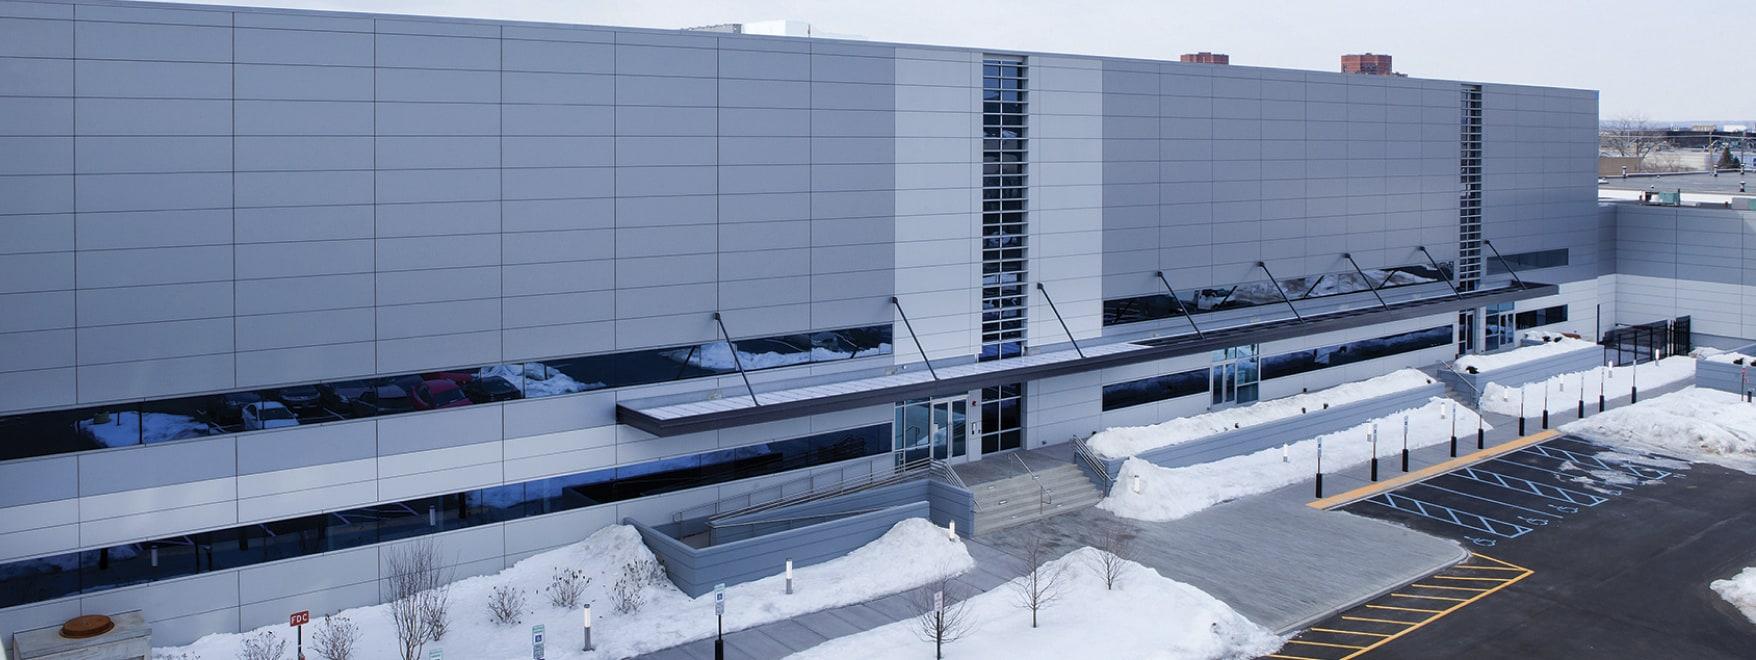 Secaucus Colocation Data Center (NY2)